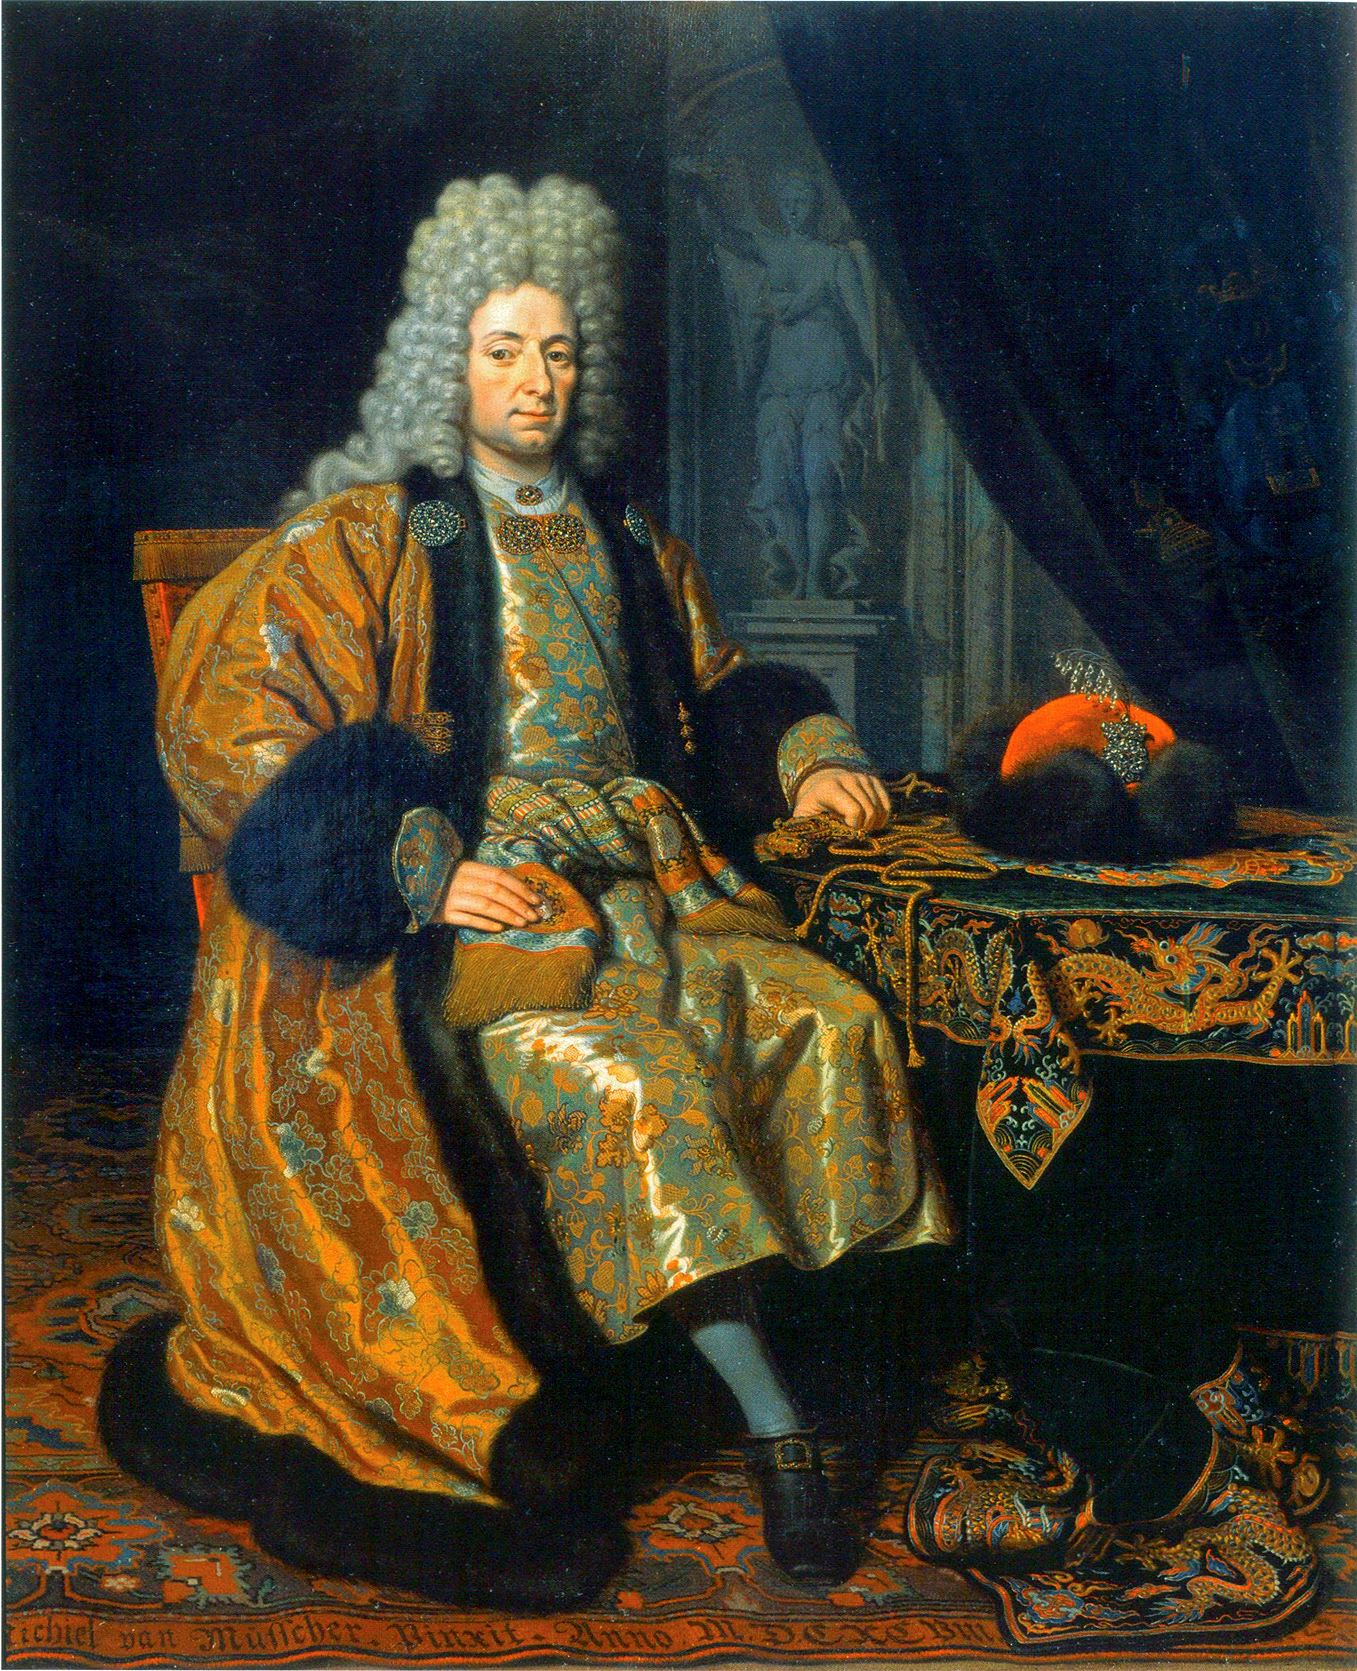 File:Lefort Musscher 1698.jpg